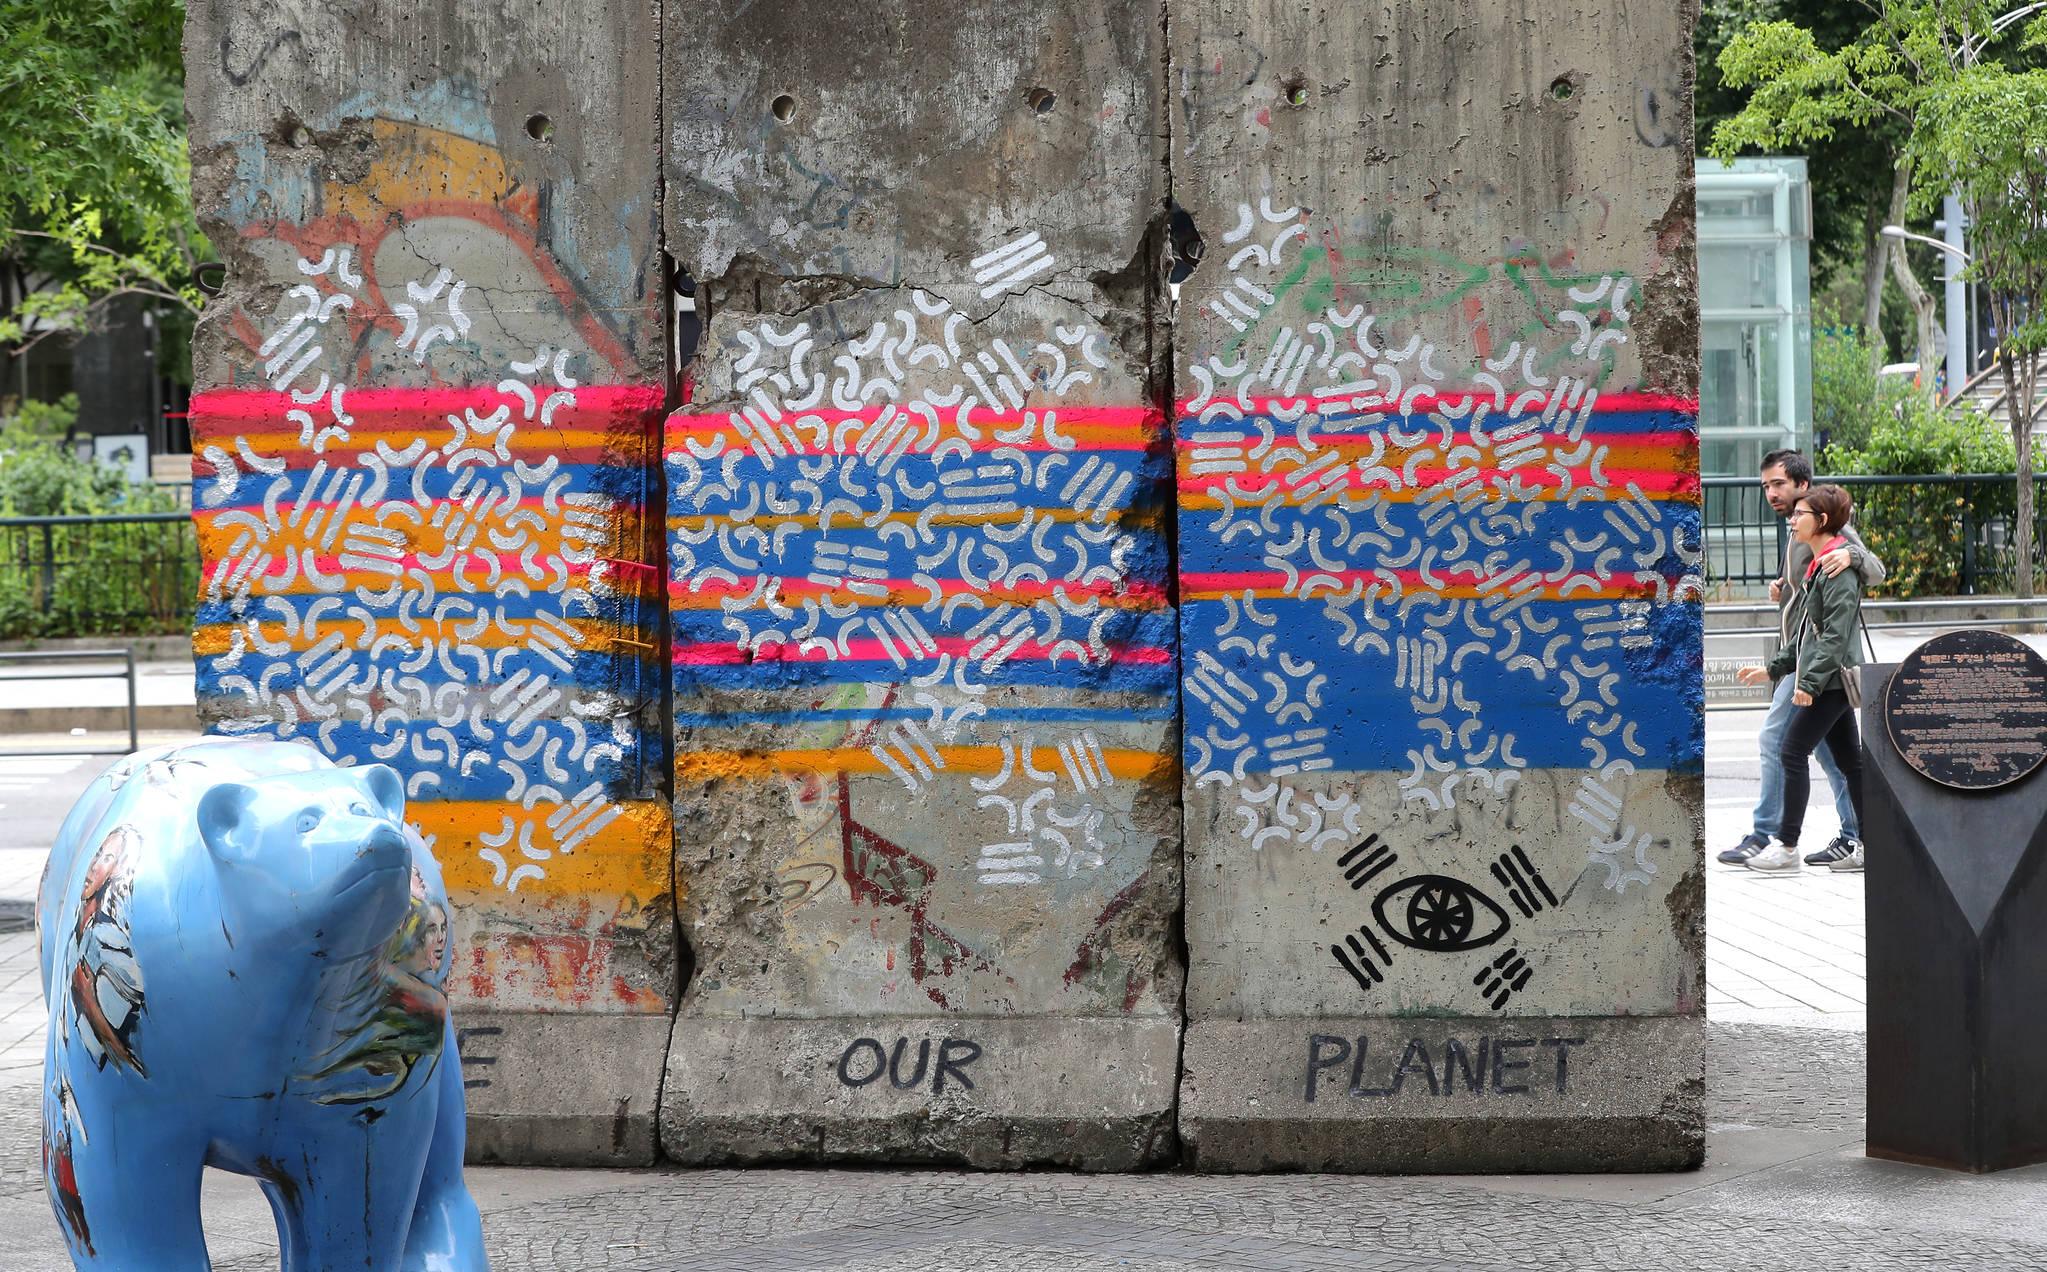 서울 청계천 베를린광장에 설치된 베를린장벽이 그라피티로 훼손돼있다. [뉴스1]